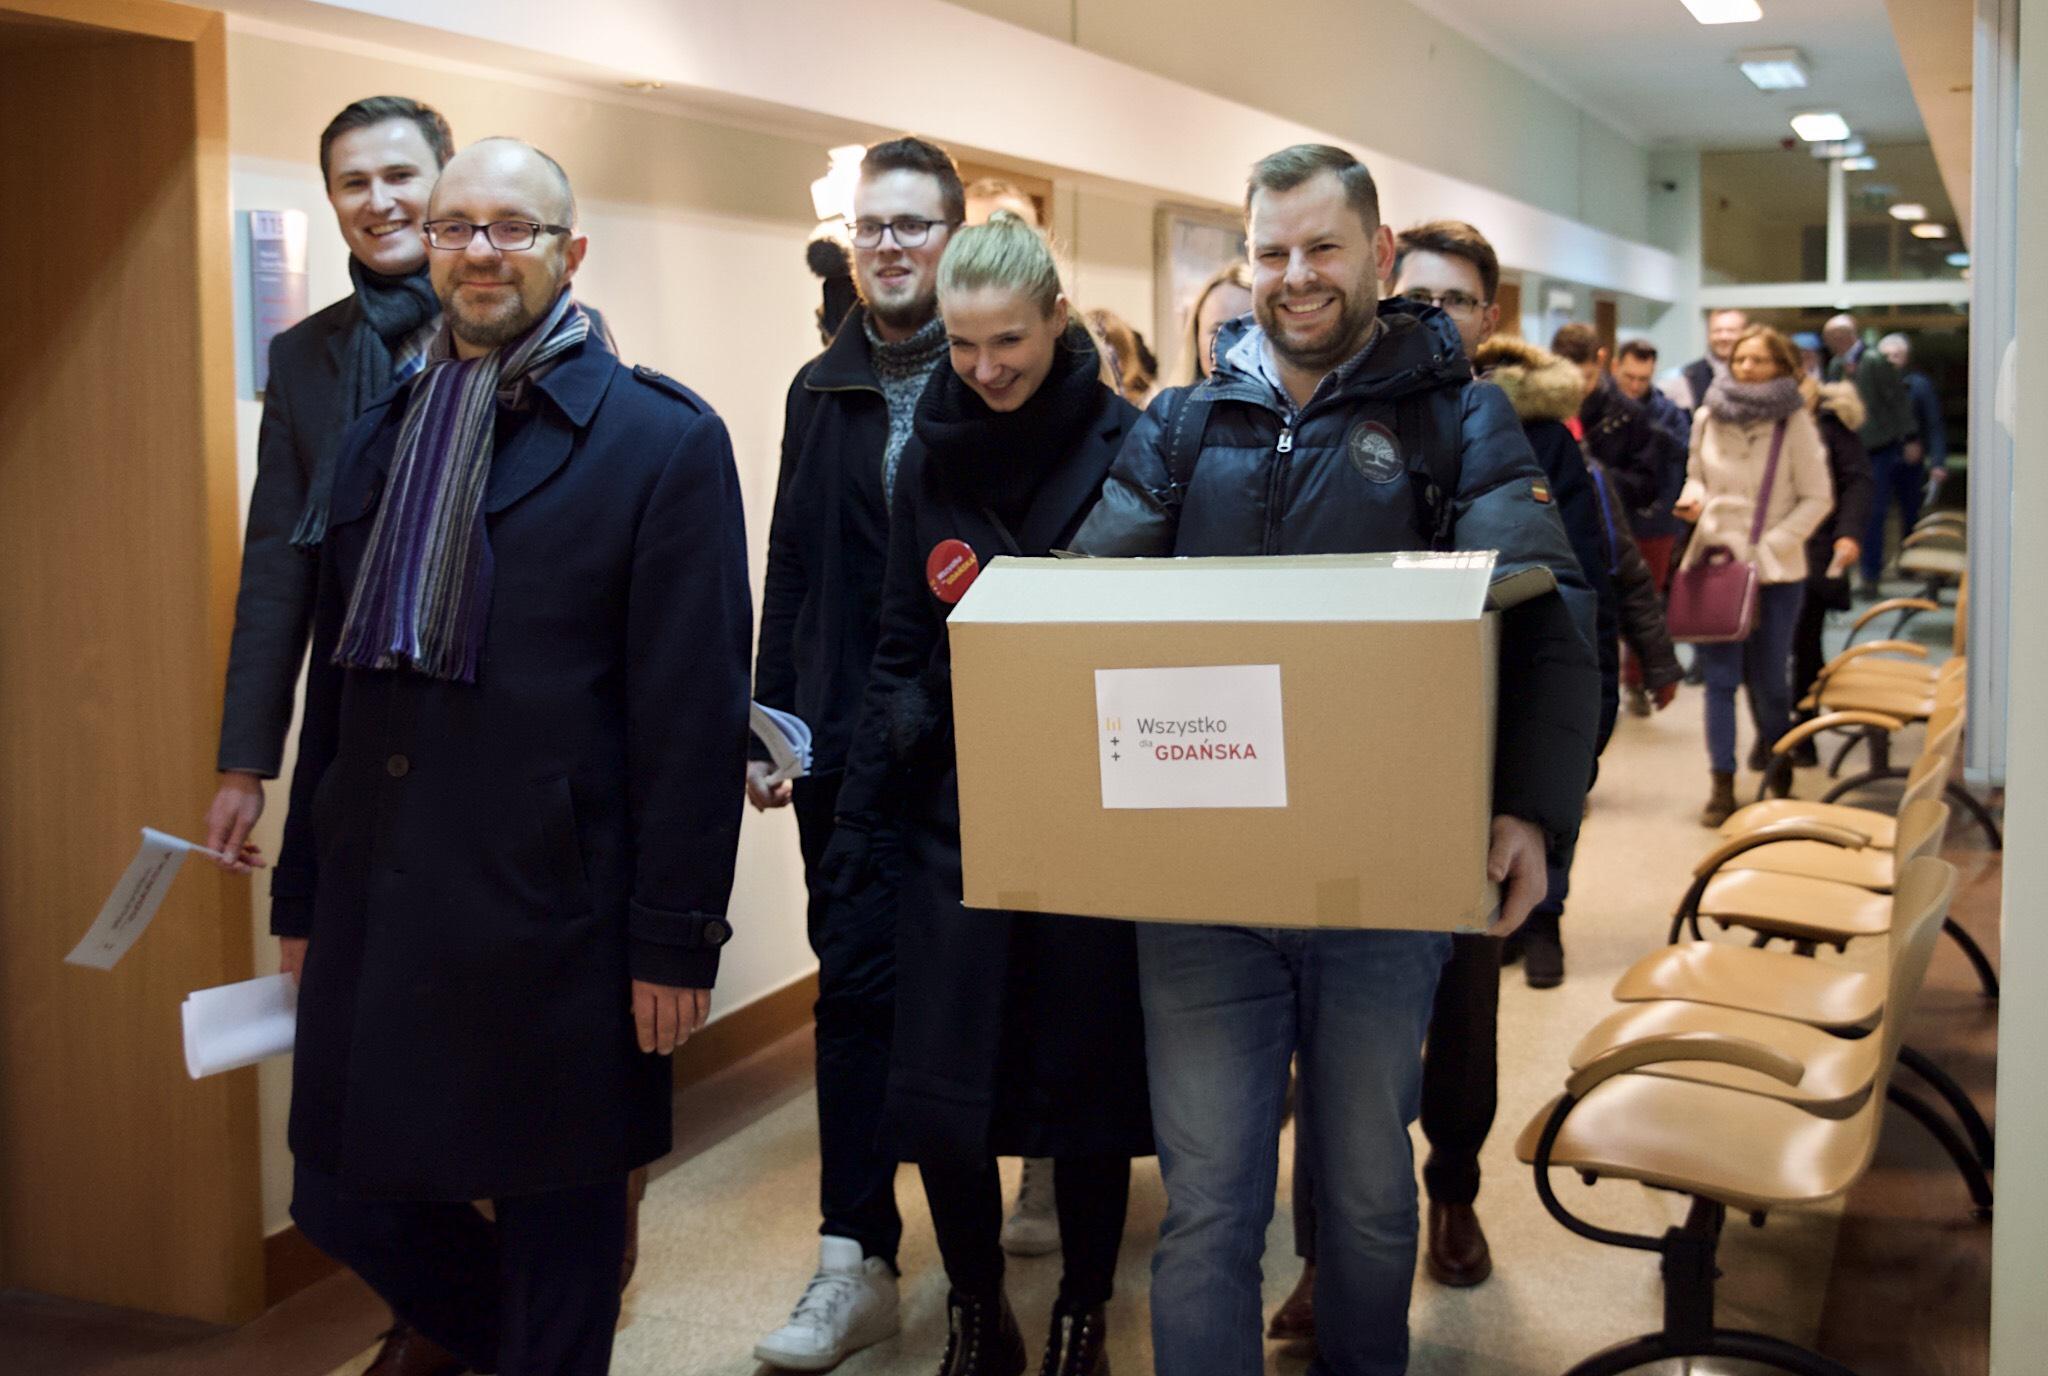 Podczas akcji zbierania podpisów poparcia dla kandydatury Aleksandry Dulkiewicz w ciągu 10 godzin zebrano 25 tysięcy podpisów (fot. Dominik Paszliński/www.gdansk.pl)